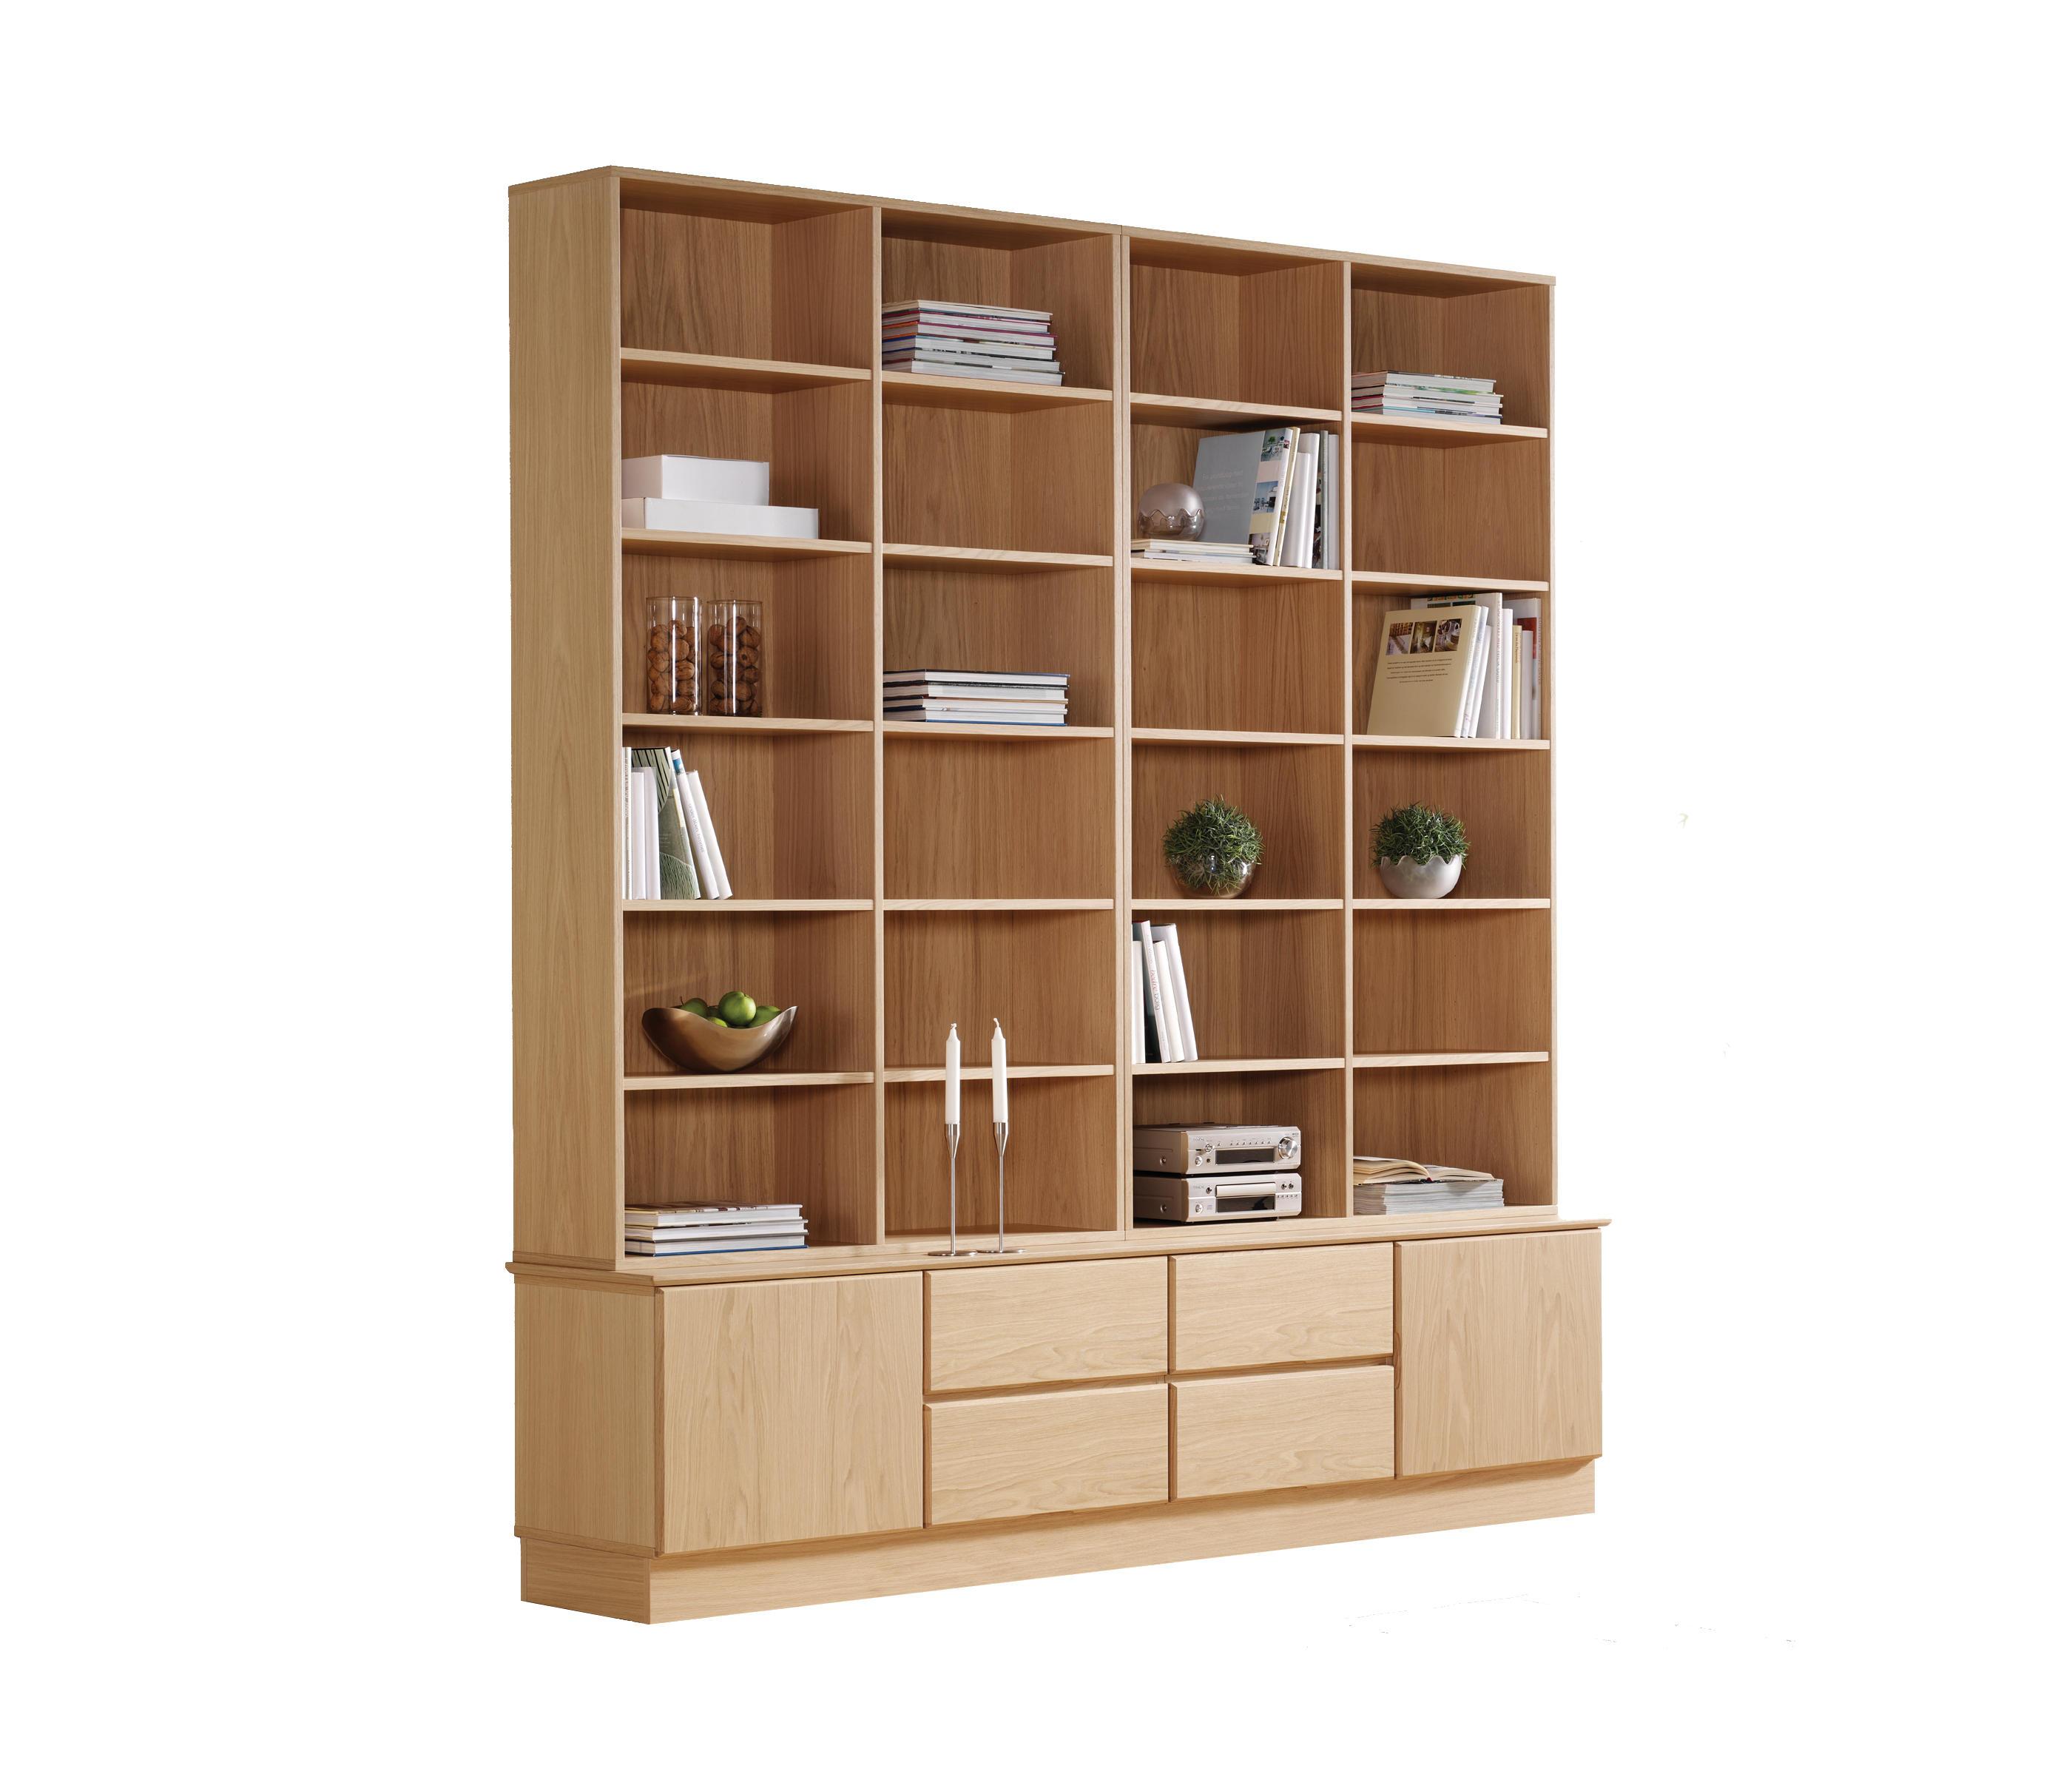 KLIM Bookcase 2015 Di